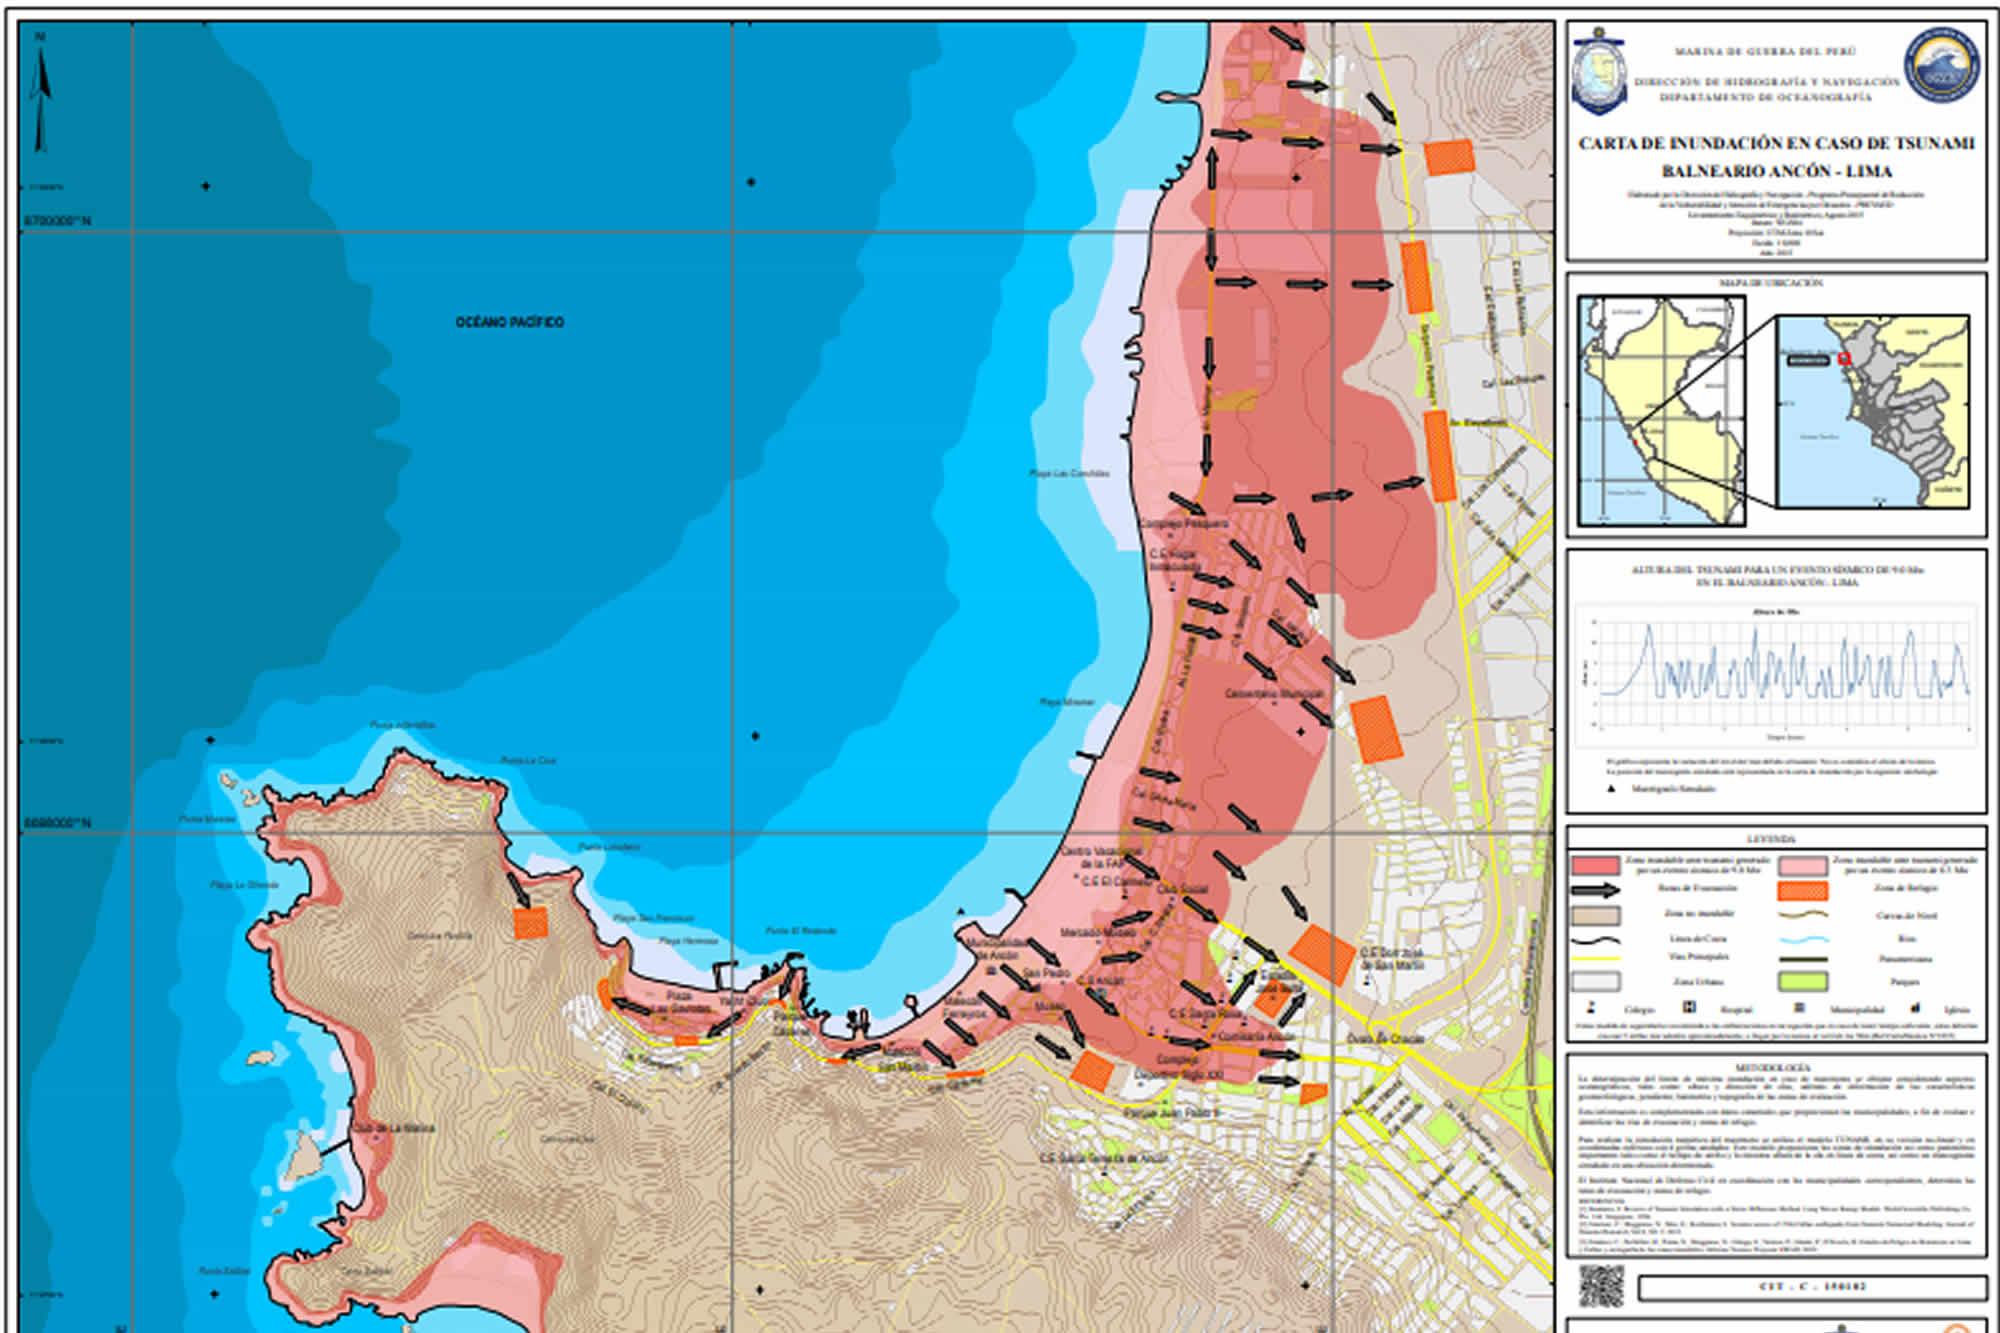 TURISMO EN ANCON | SEGURIDAD ANTE DESASTRES NATURALES